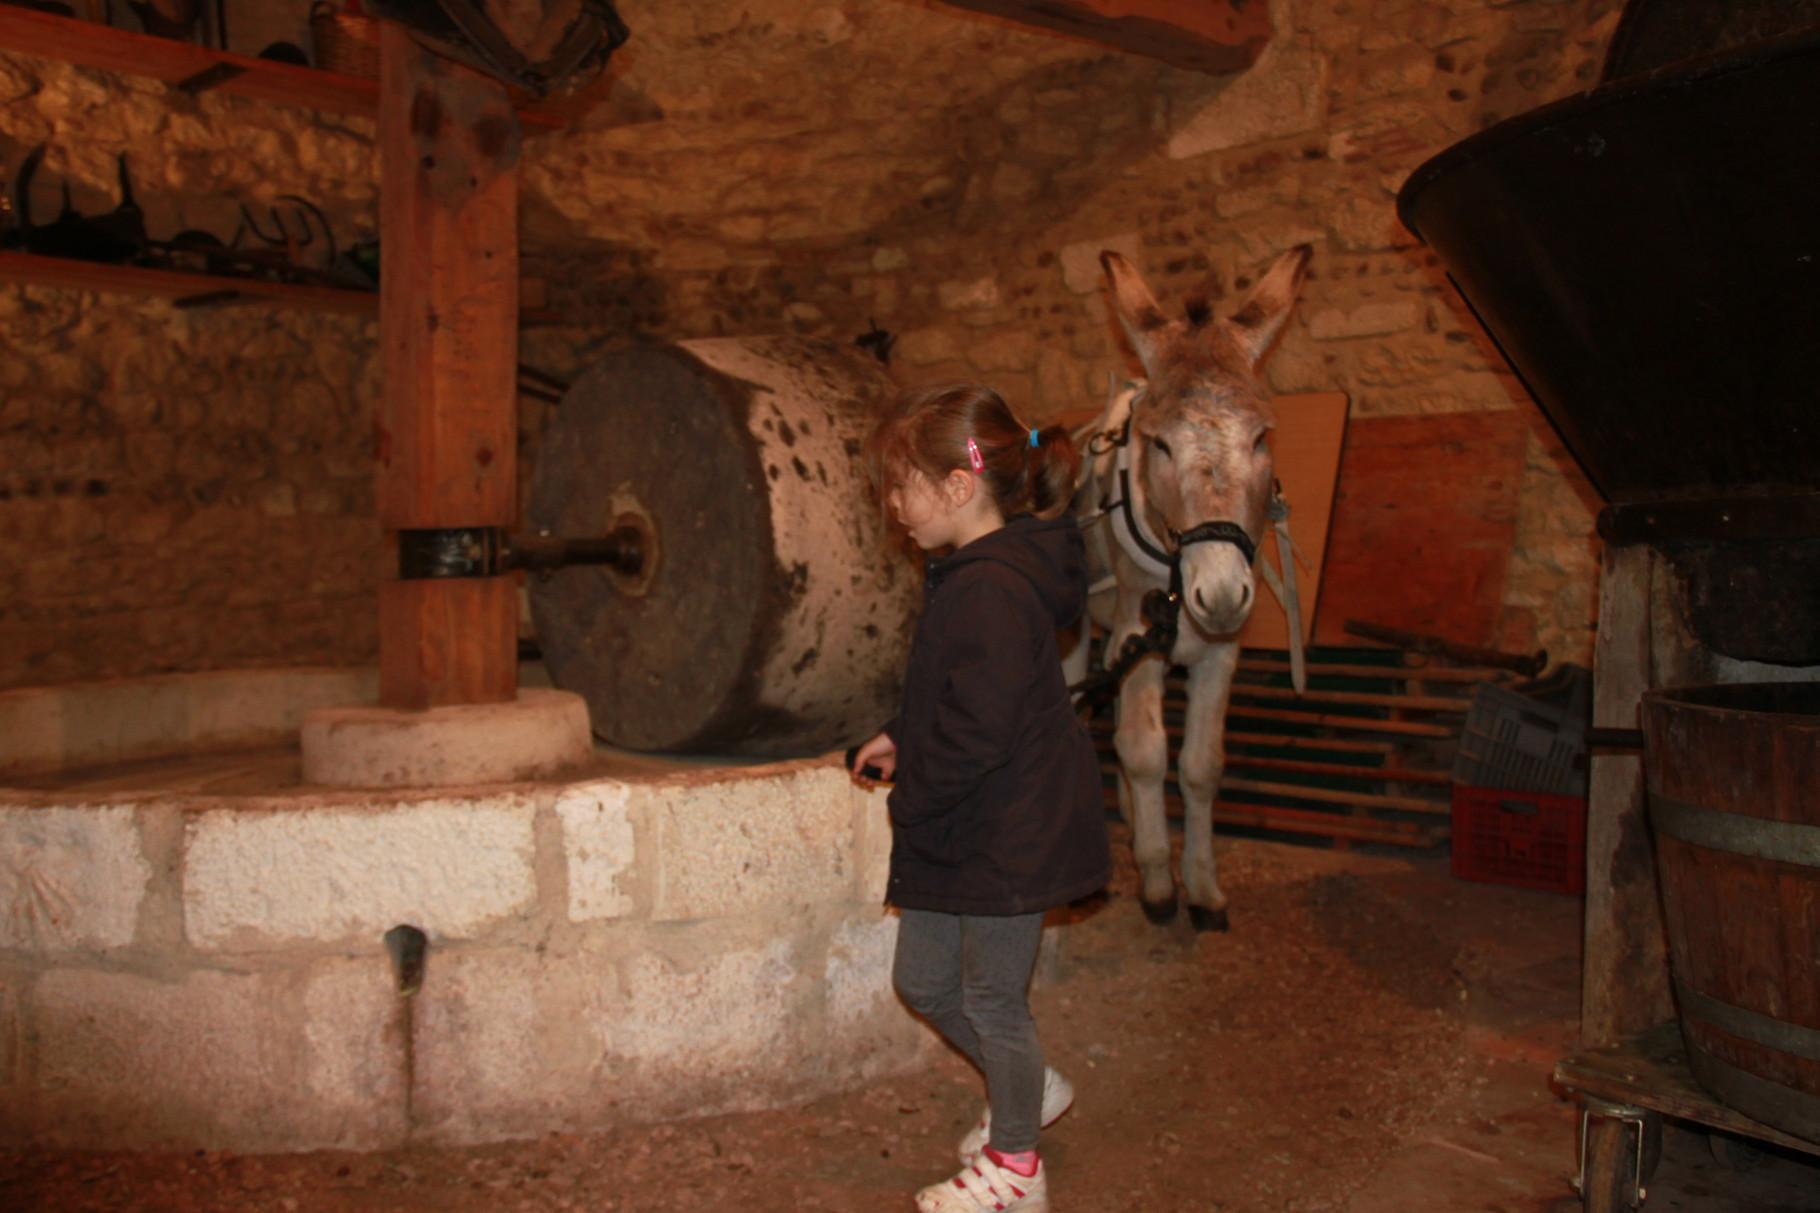 Il était une fois une petite fille et un âne dans un moulin à huile...